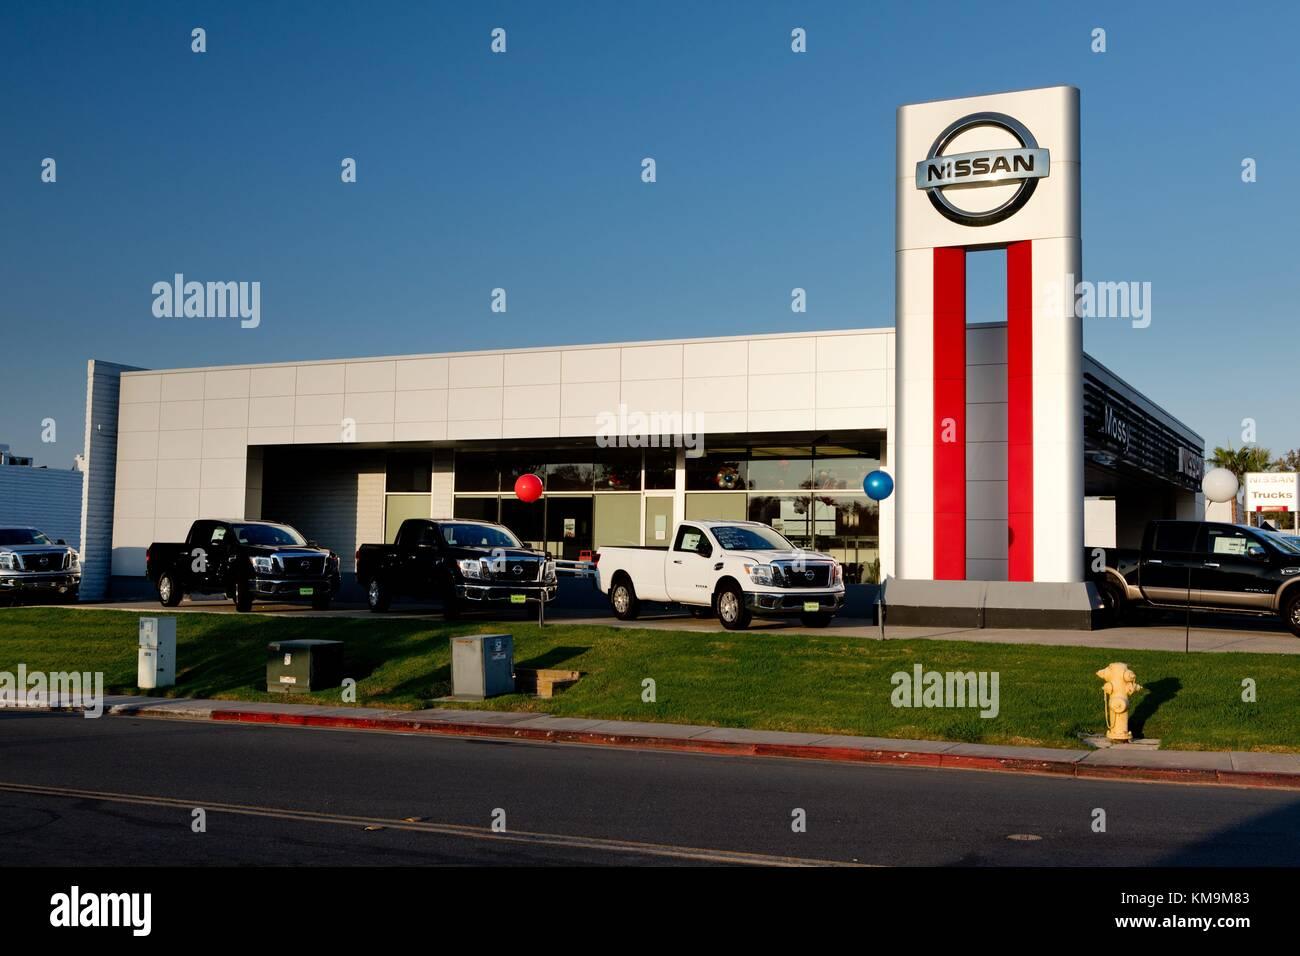 Mossy Nissan Kearny Mesa Car Dealer In San Diego, In August 2017. | Usage  Worldwide